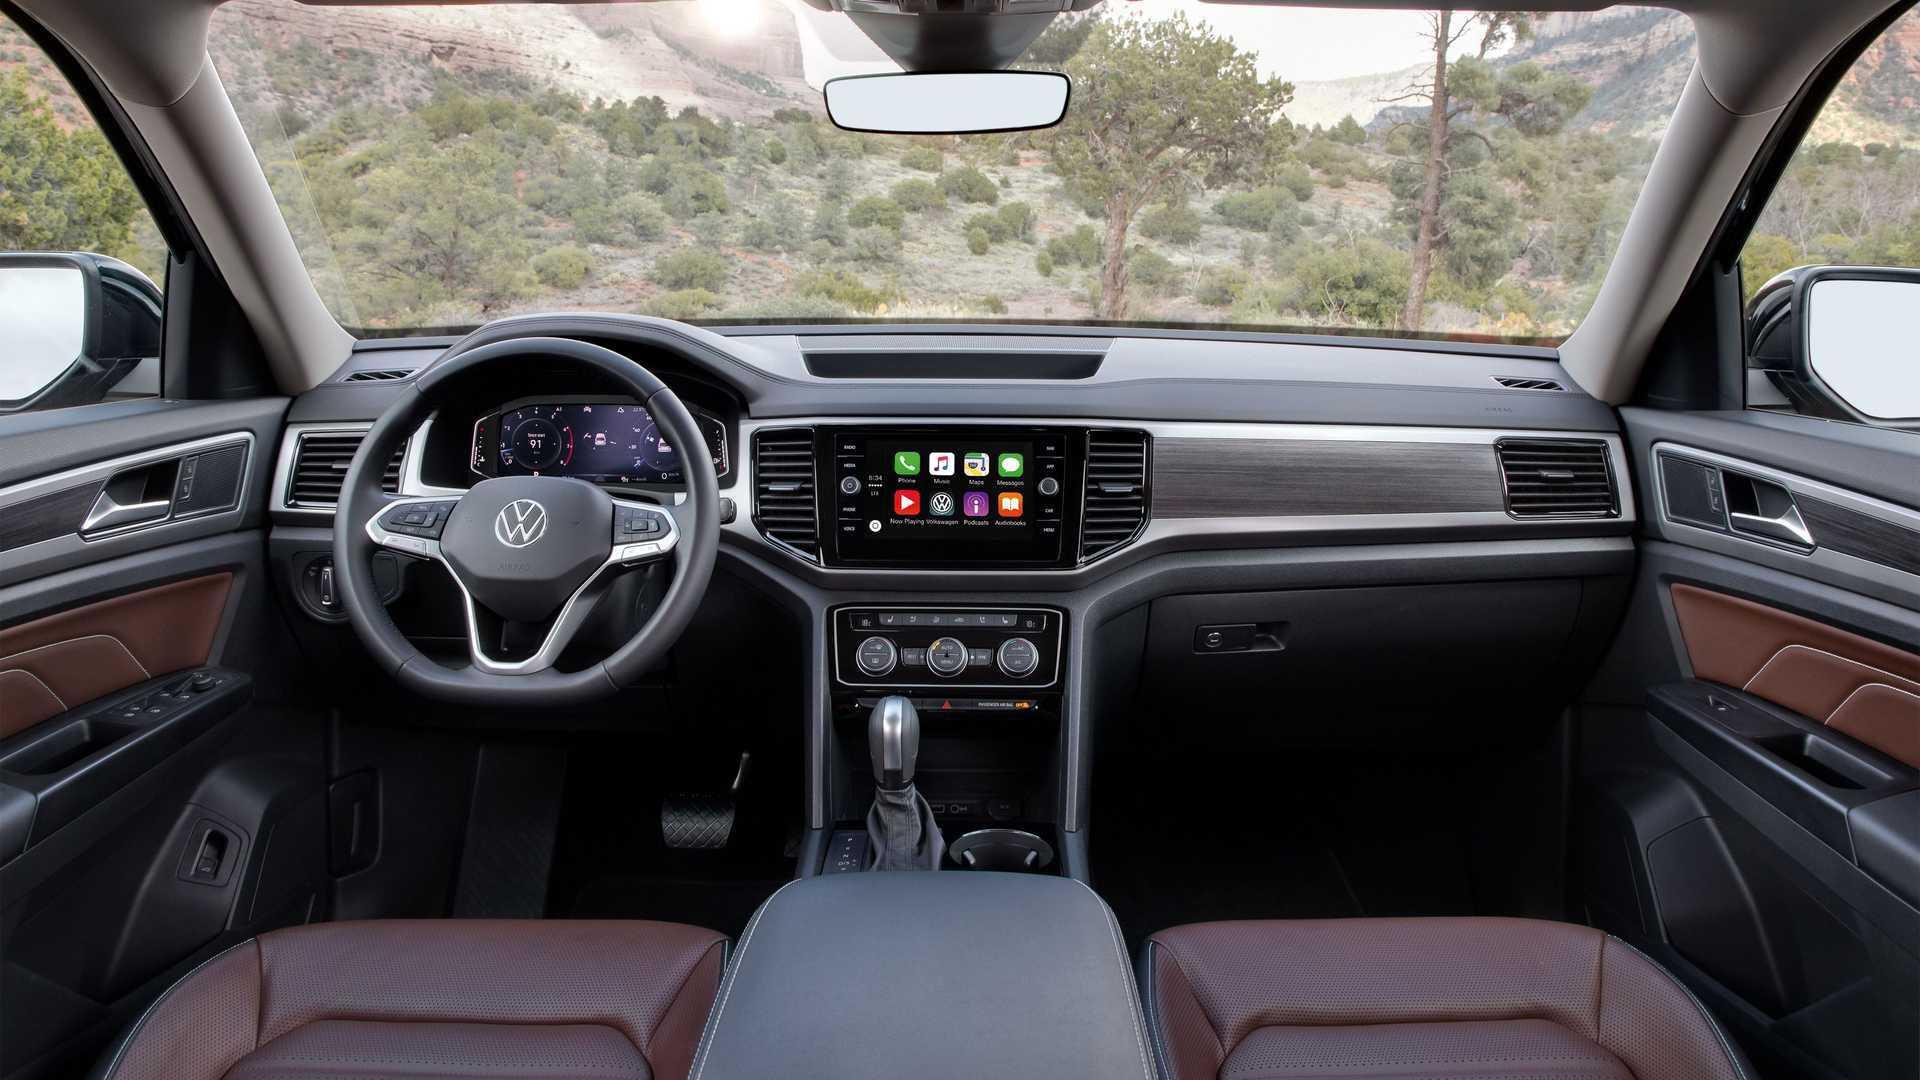 Volkswagen_Teramont_facelift_Euro-spec-0005